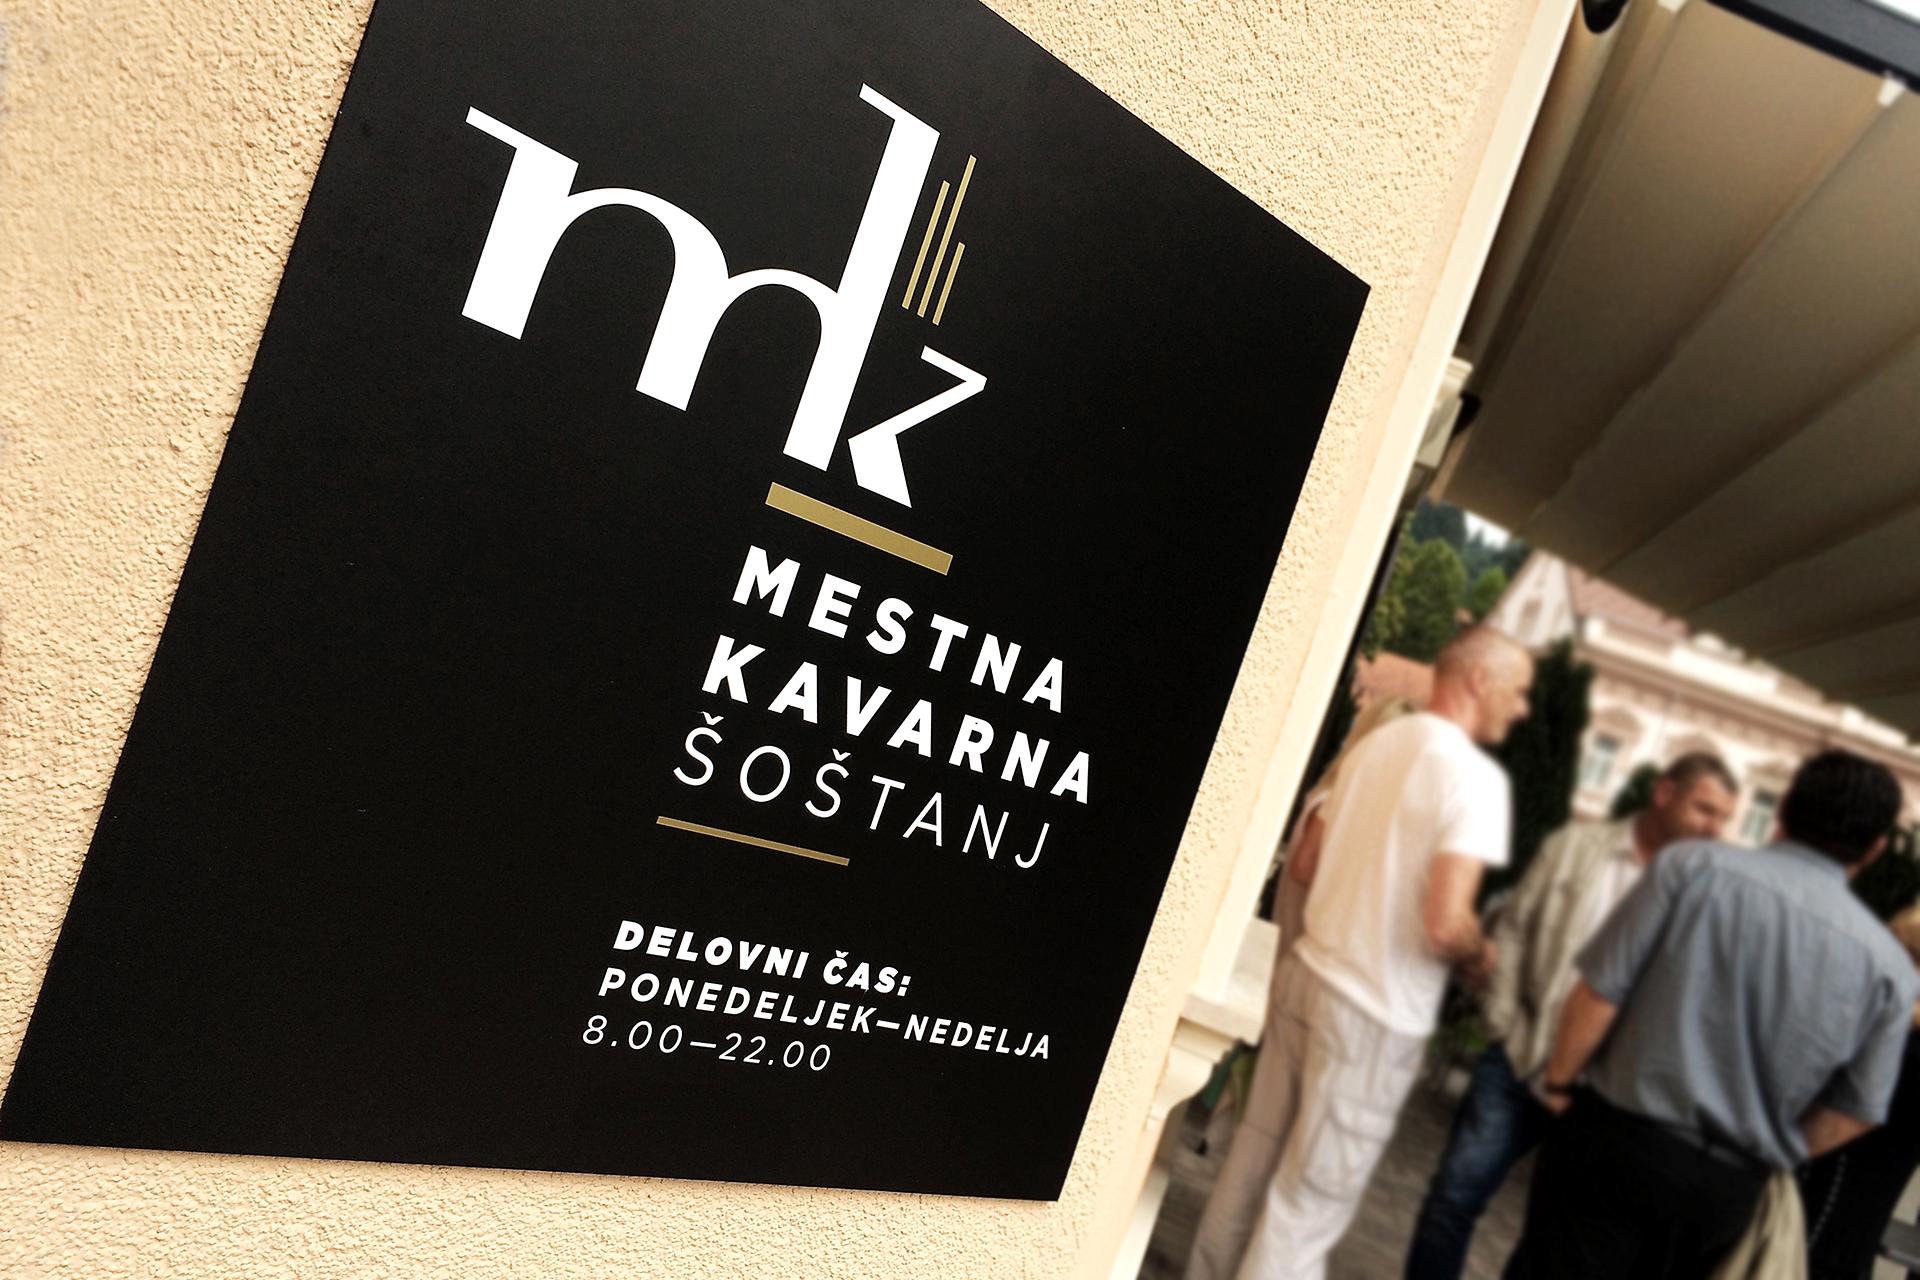 mestna_kavarna_sostanj_4